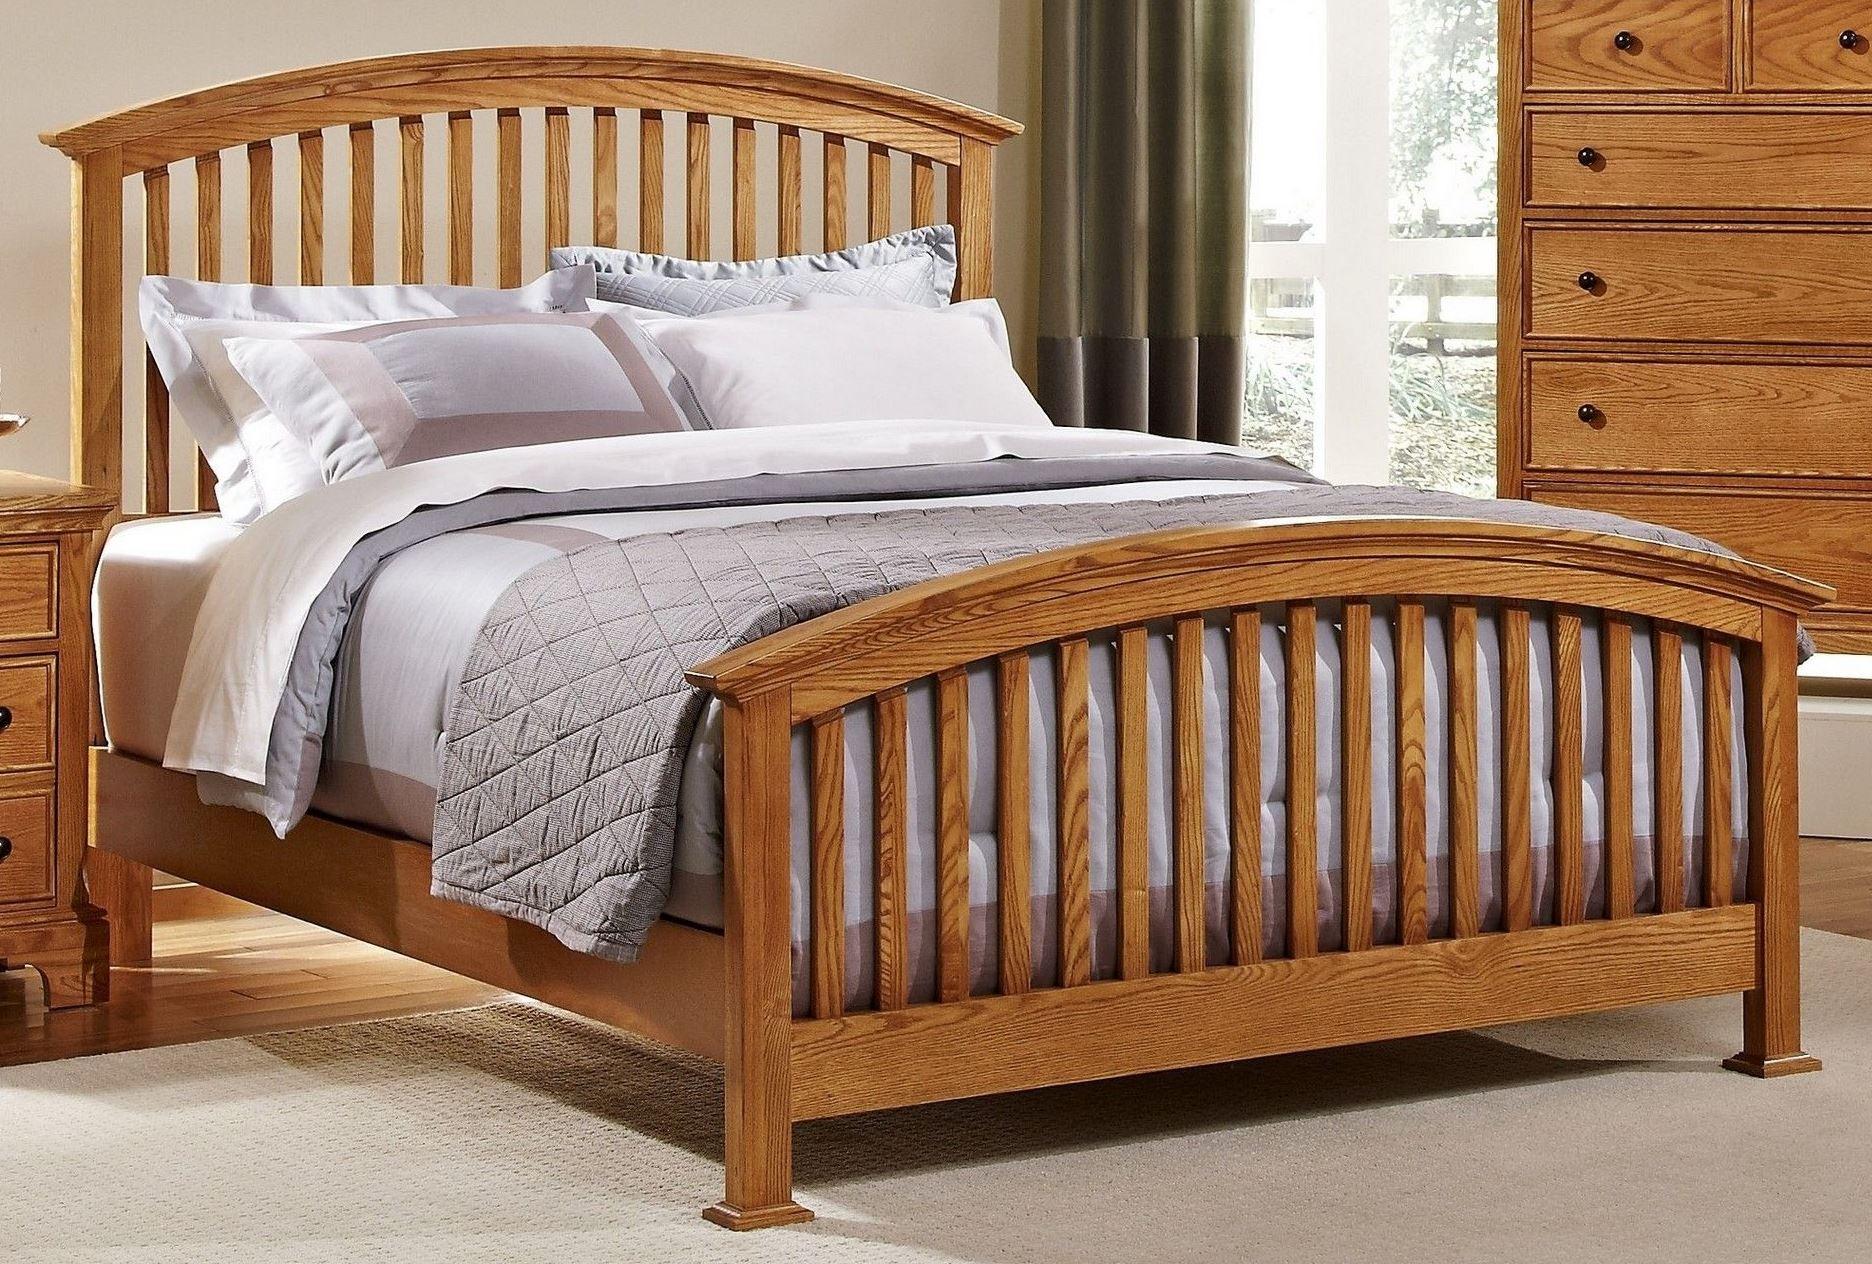 Forsyth Medium Oak Arched Bedroom Set From Vaughan Bassett